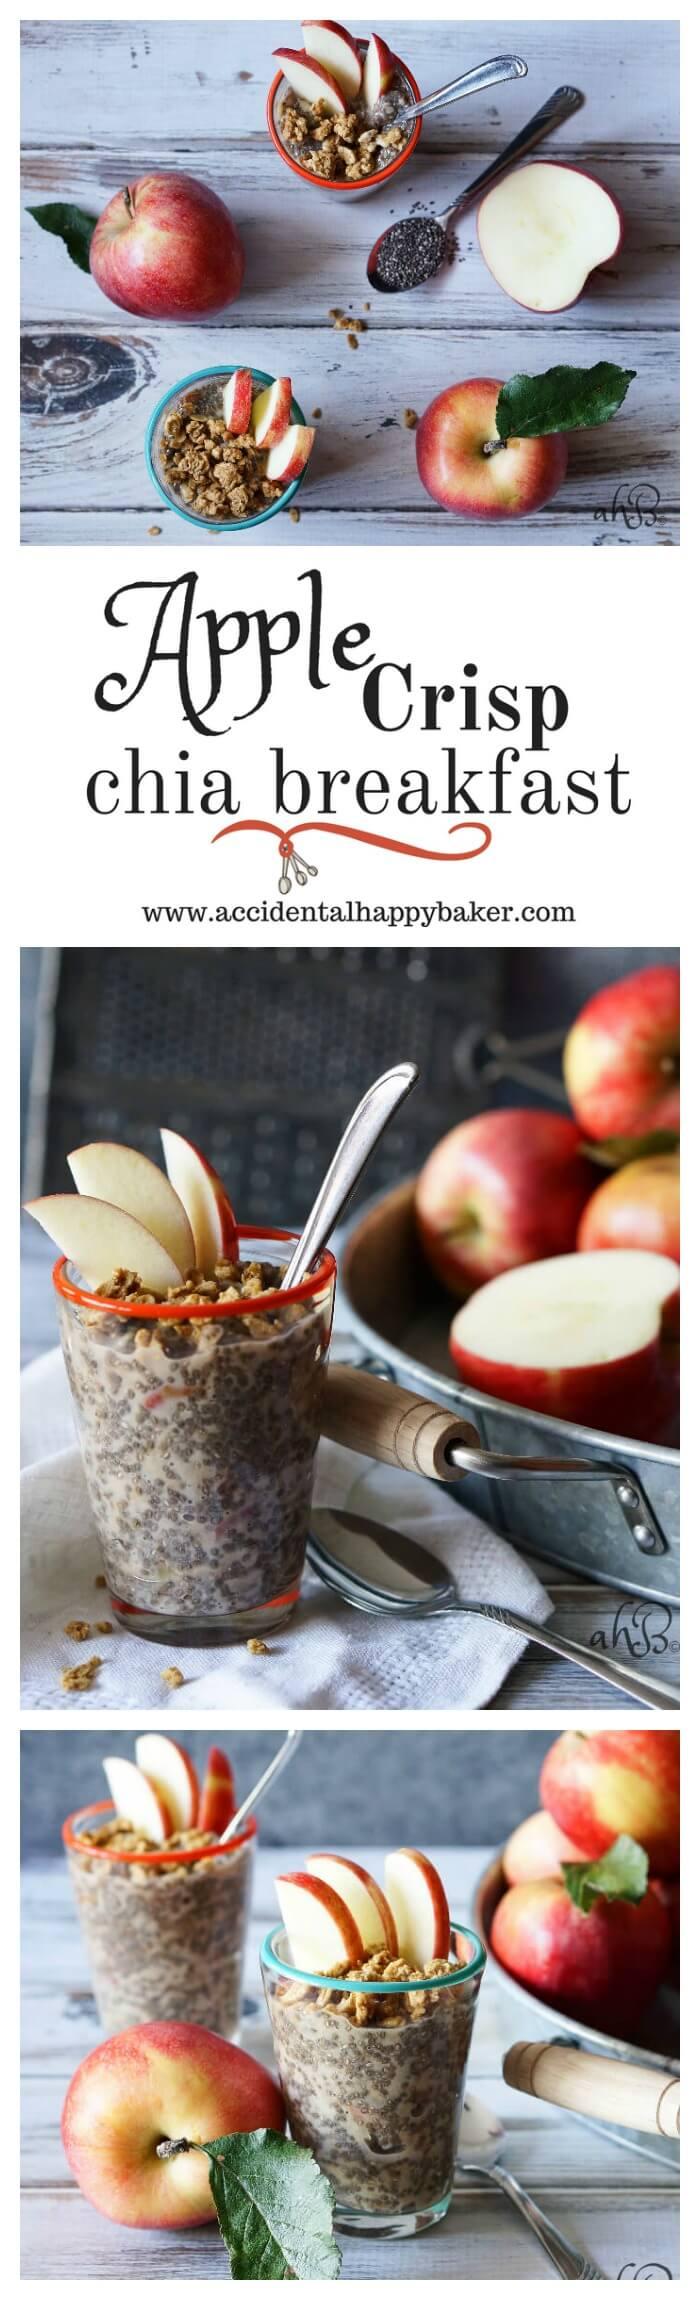 Apple Crisp Chia